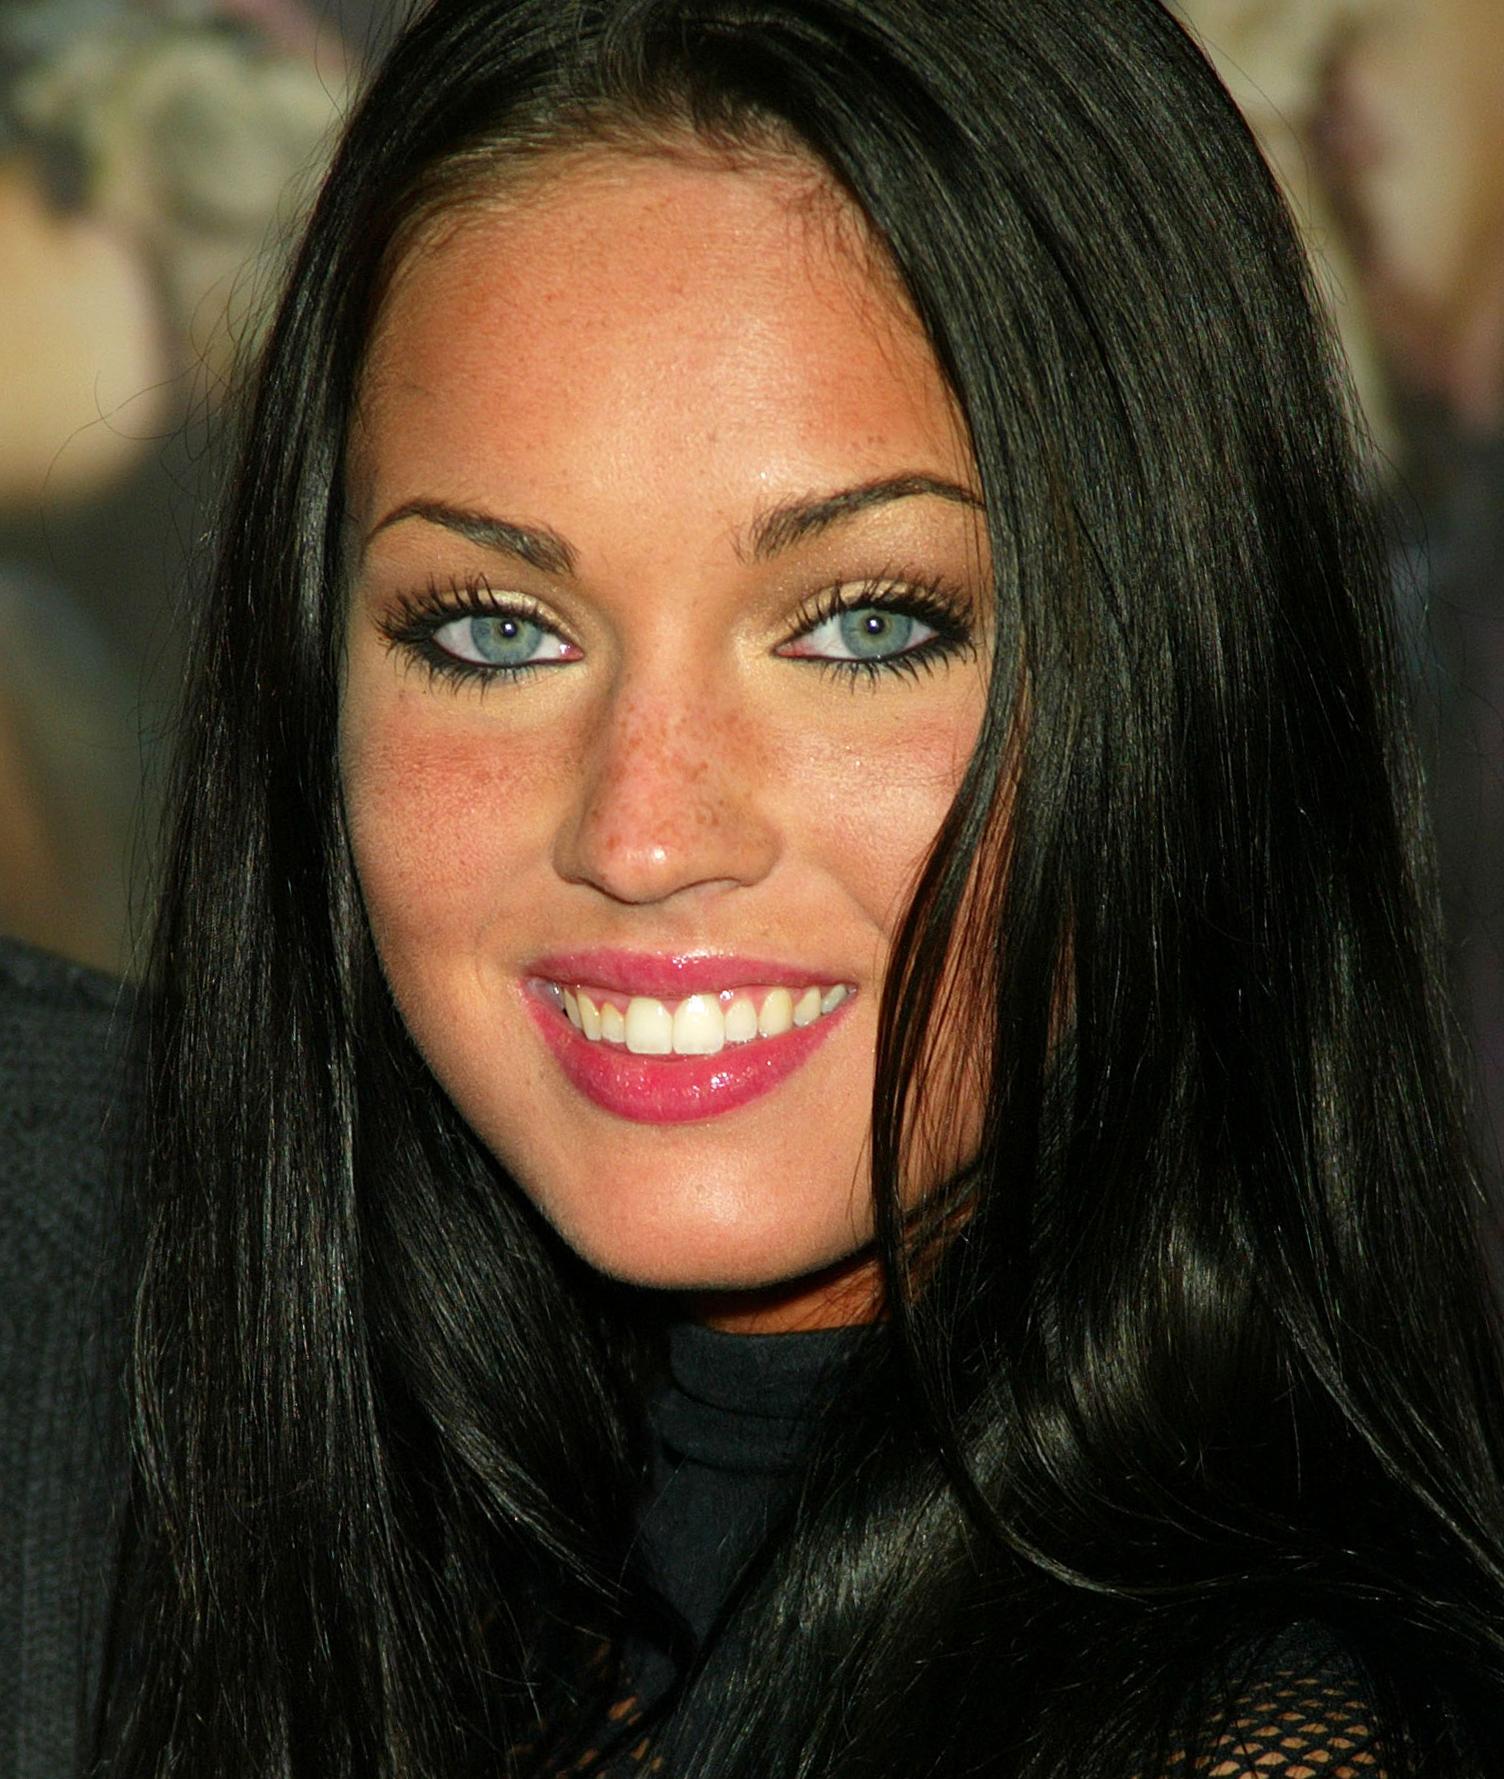 Megan young half black